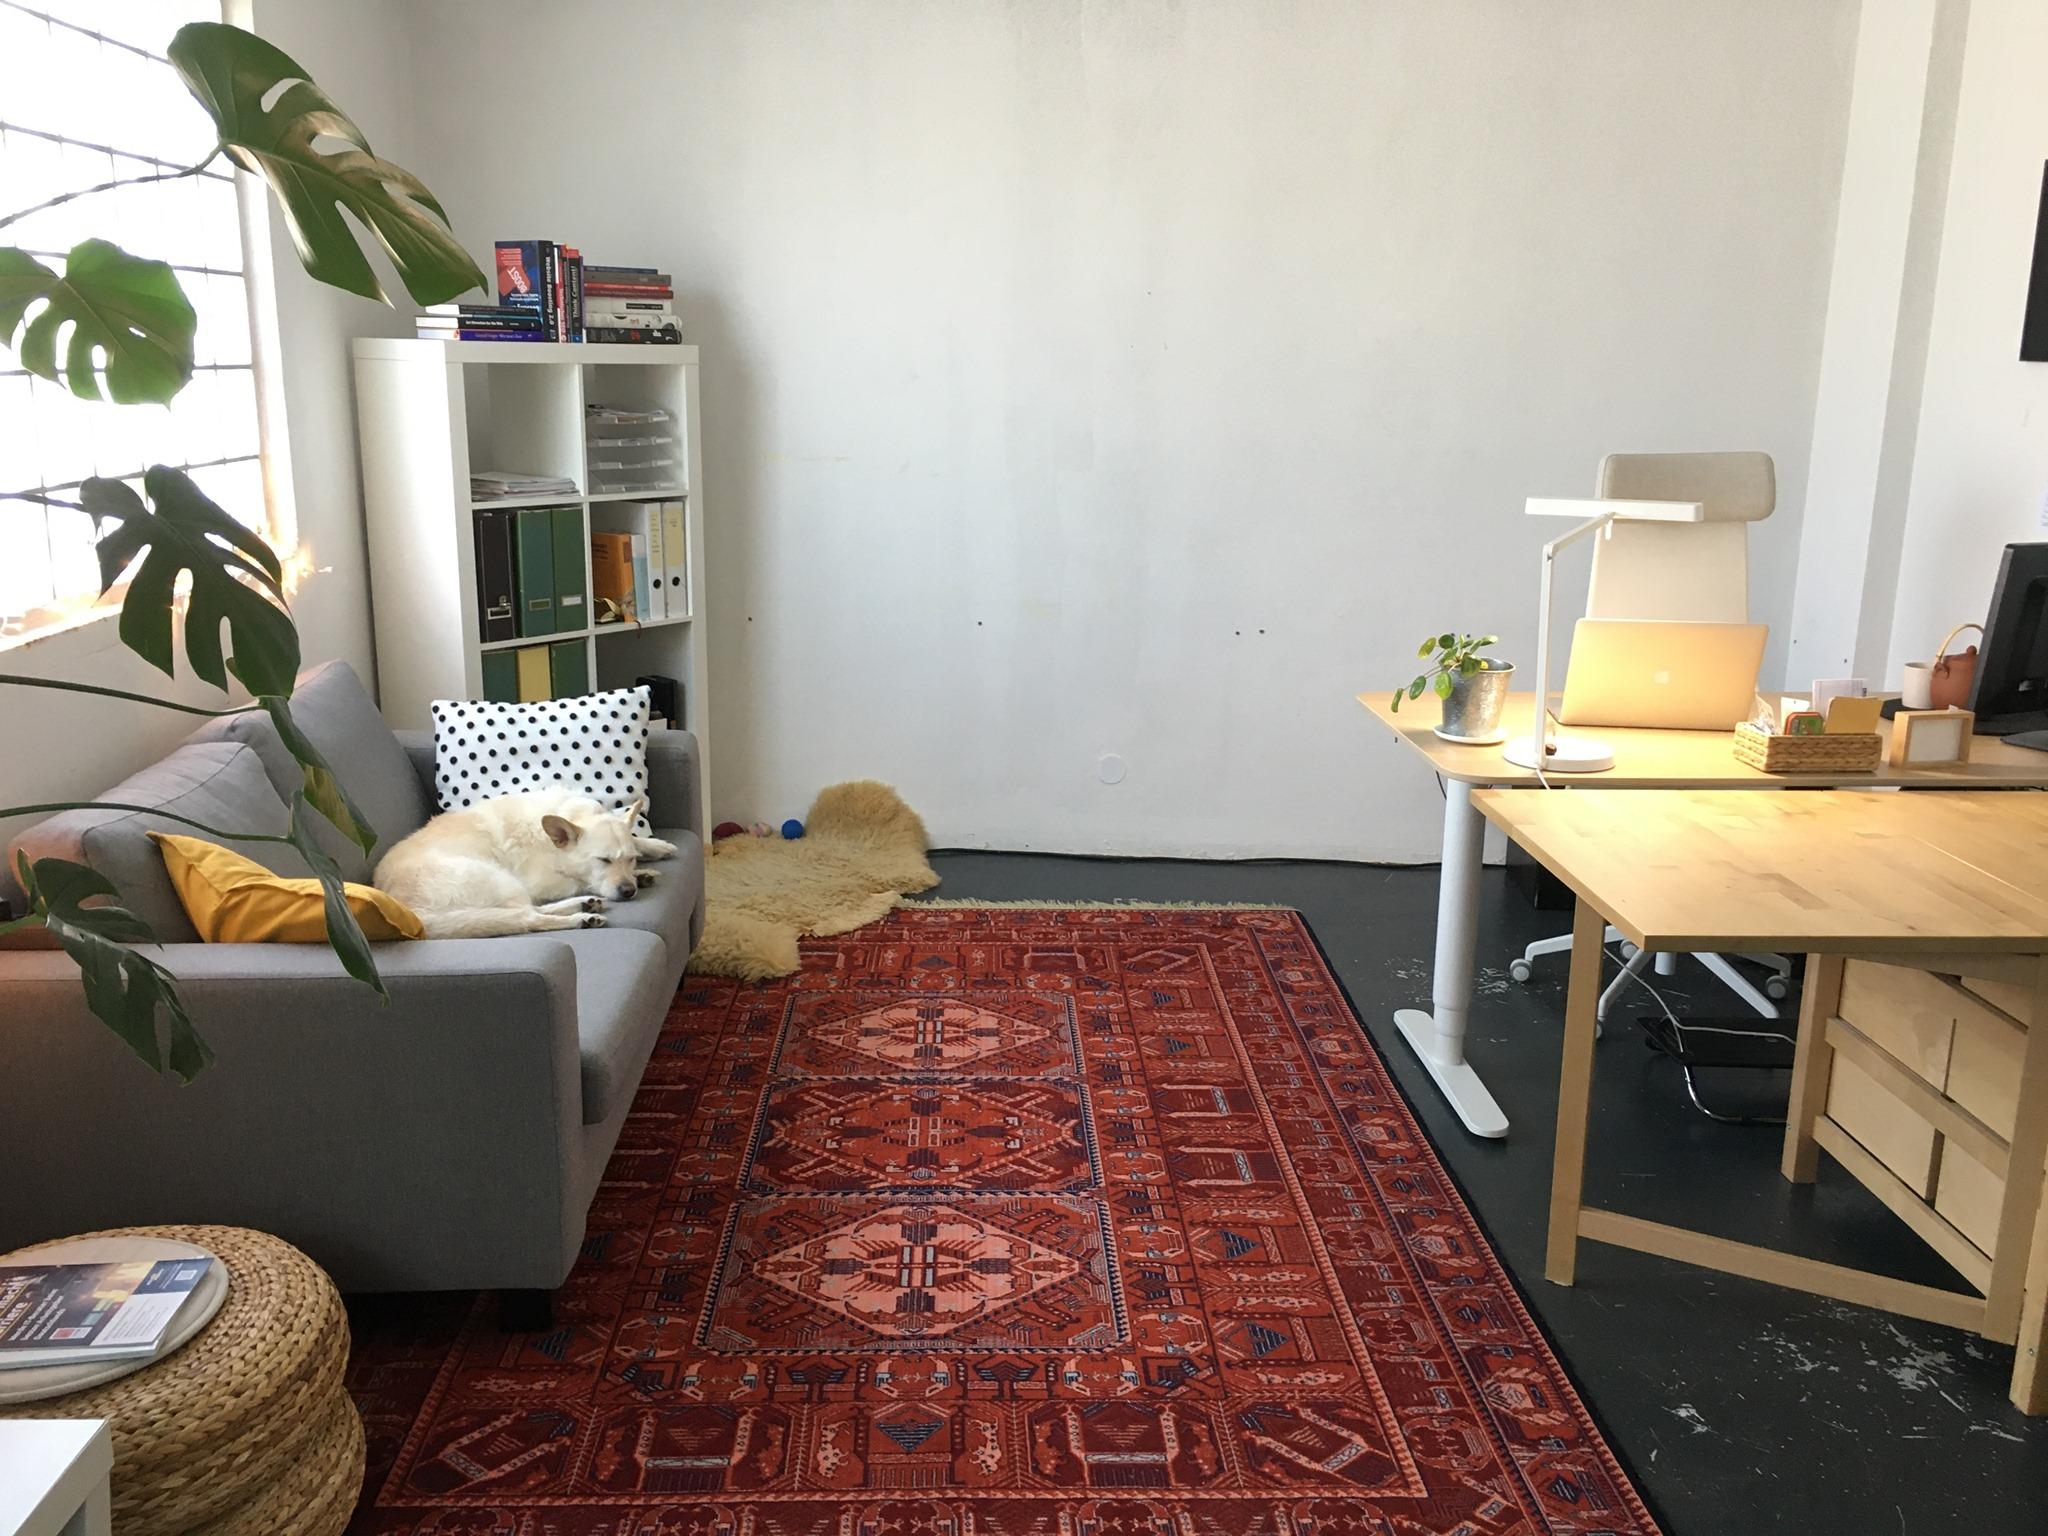 BüropartnerIn für sehr helles 20m2 Büro im Coworking Space gesucht!